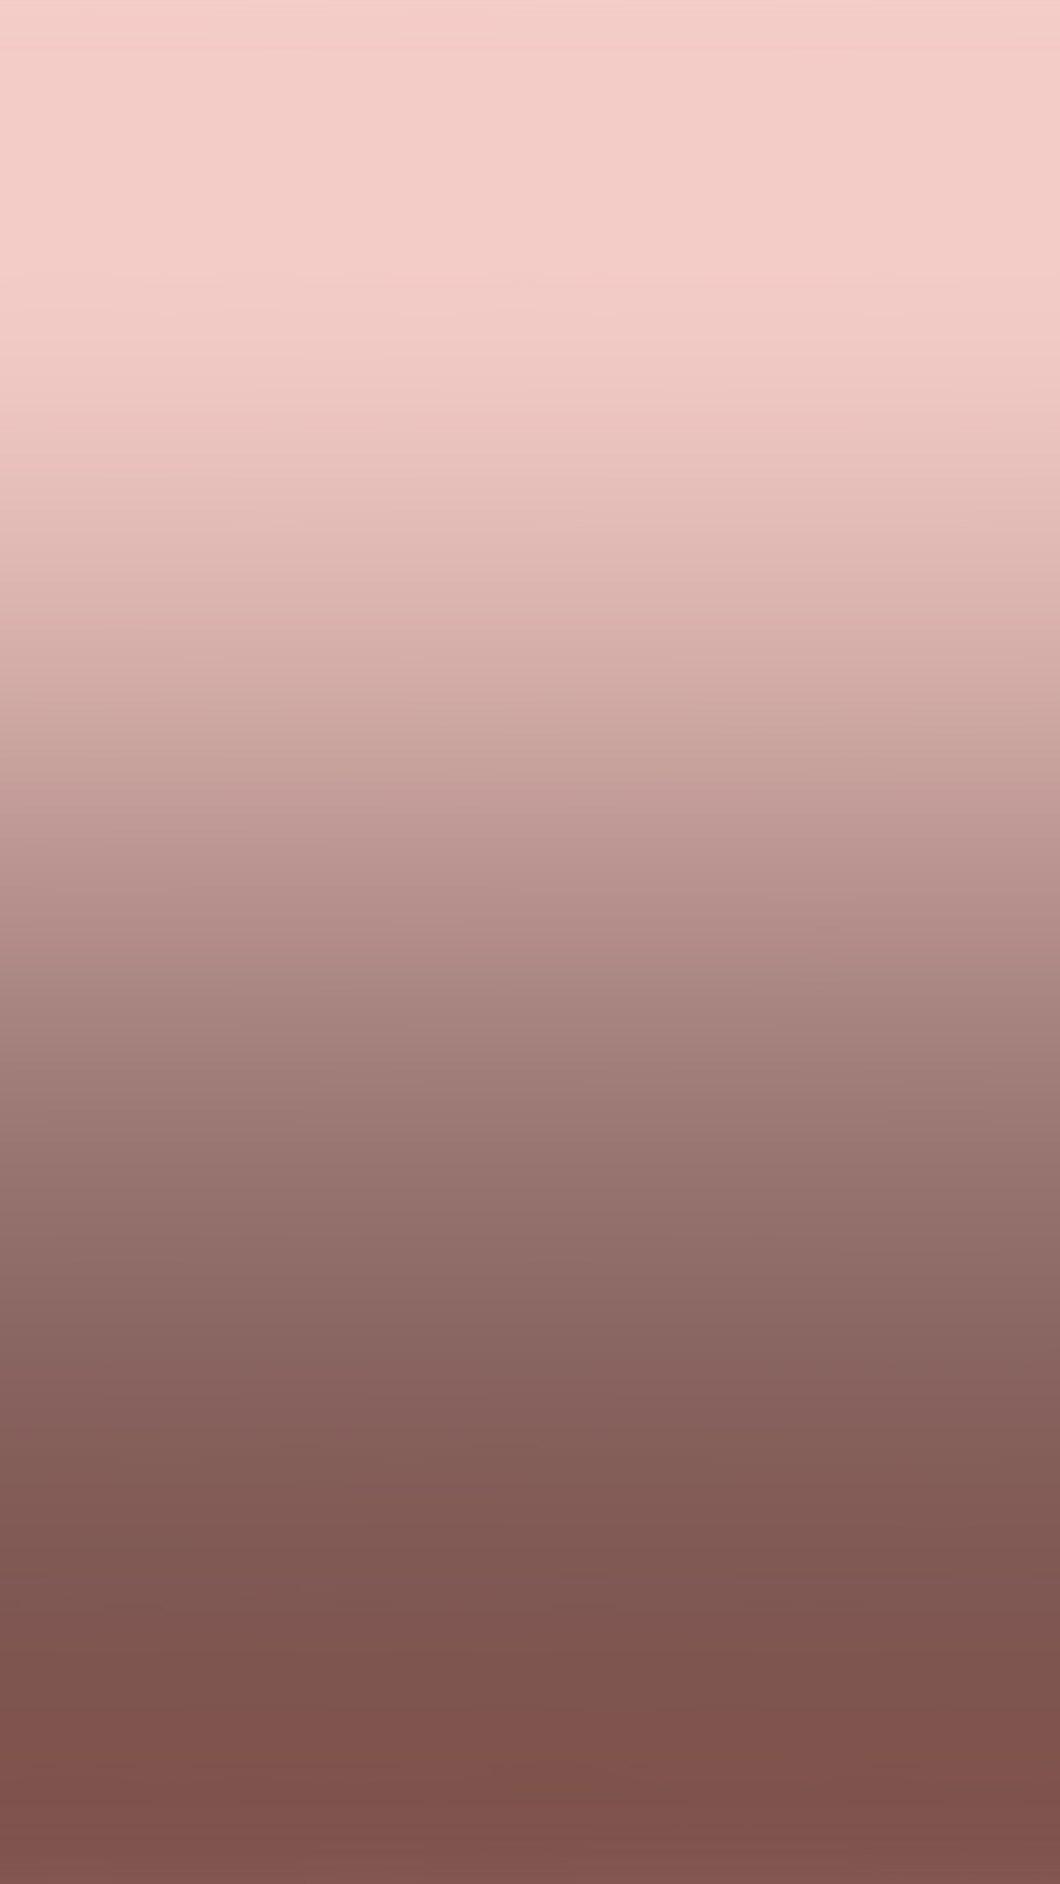 Wallpaper Iphone Rose Gold Iphone 7 Plus Wallpaper